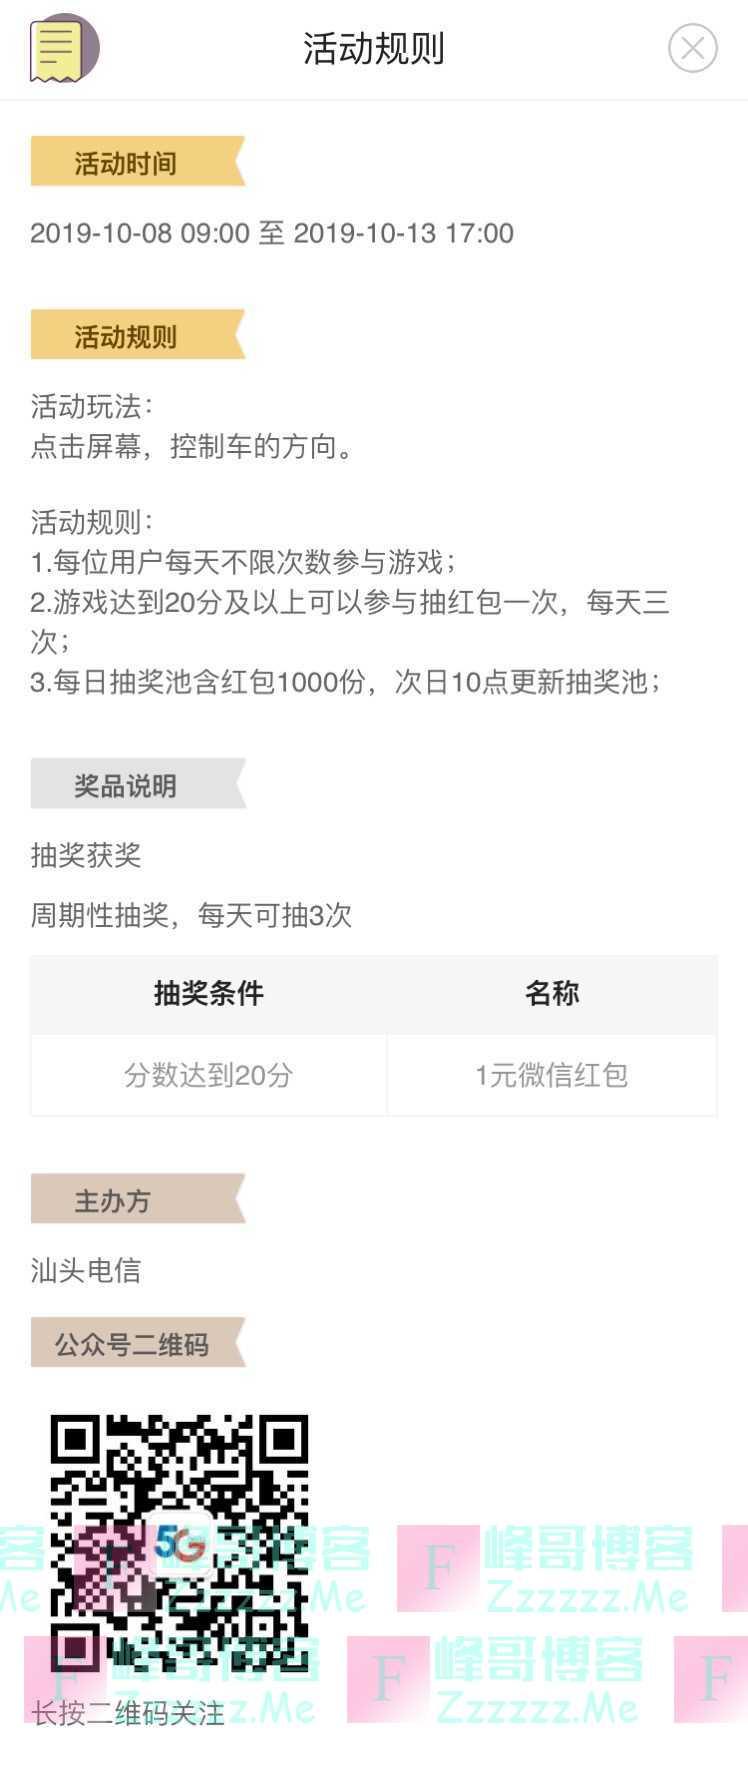 汕头电信极速漂移挑战 每天1000个红包来抽奖(10月13日截止)